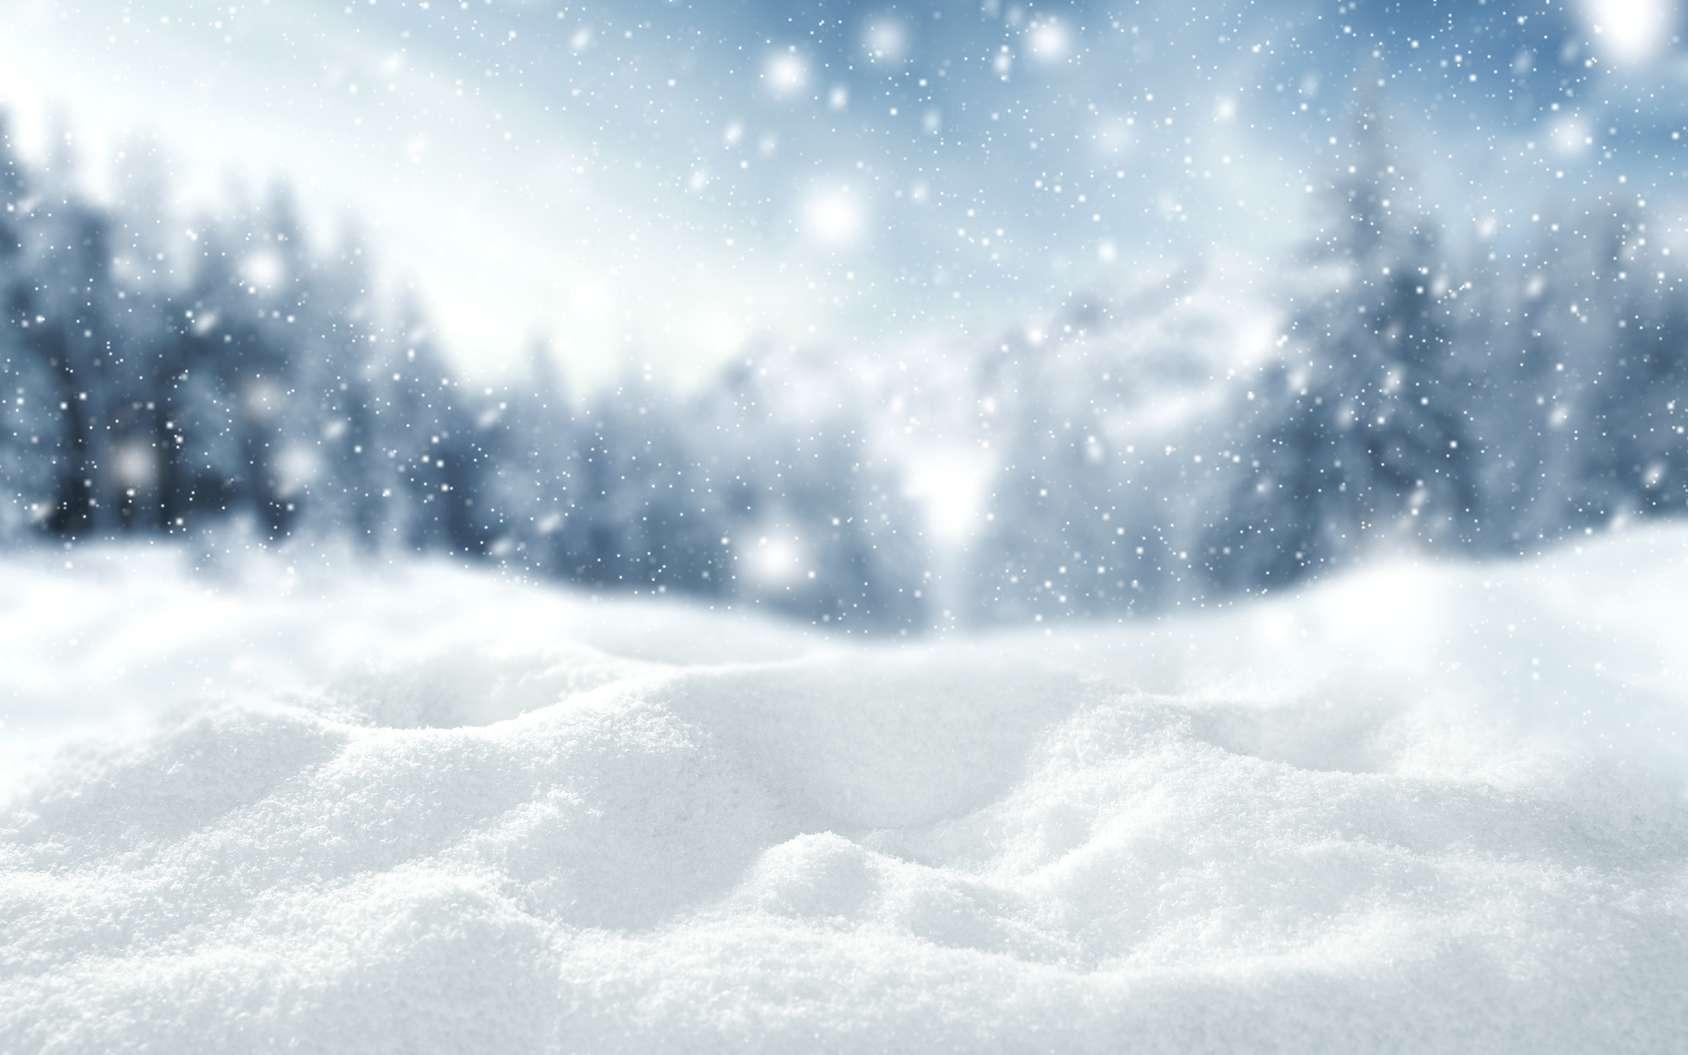 La formation de la neige dépend de plusieurs conditions. Avant de tomber sur la terre ferme, les cristaux de glace à l'origine des flocons de neige naissent et se développent au cœur de nuages froids chargés de particules volatiles. © magdal3na, fotolia